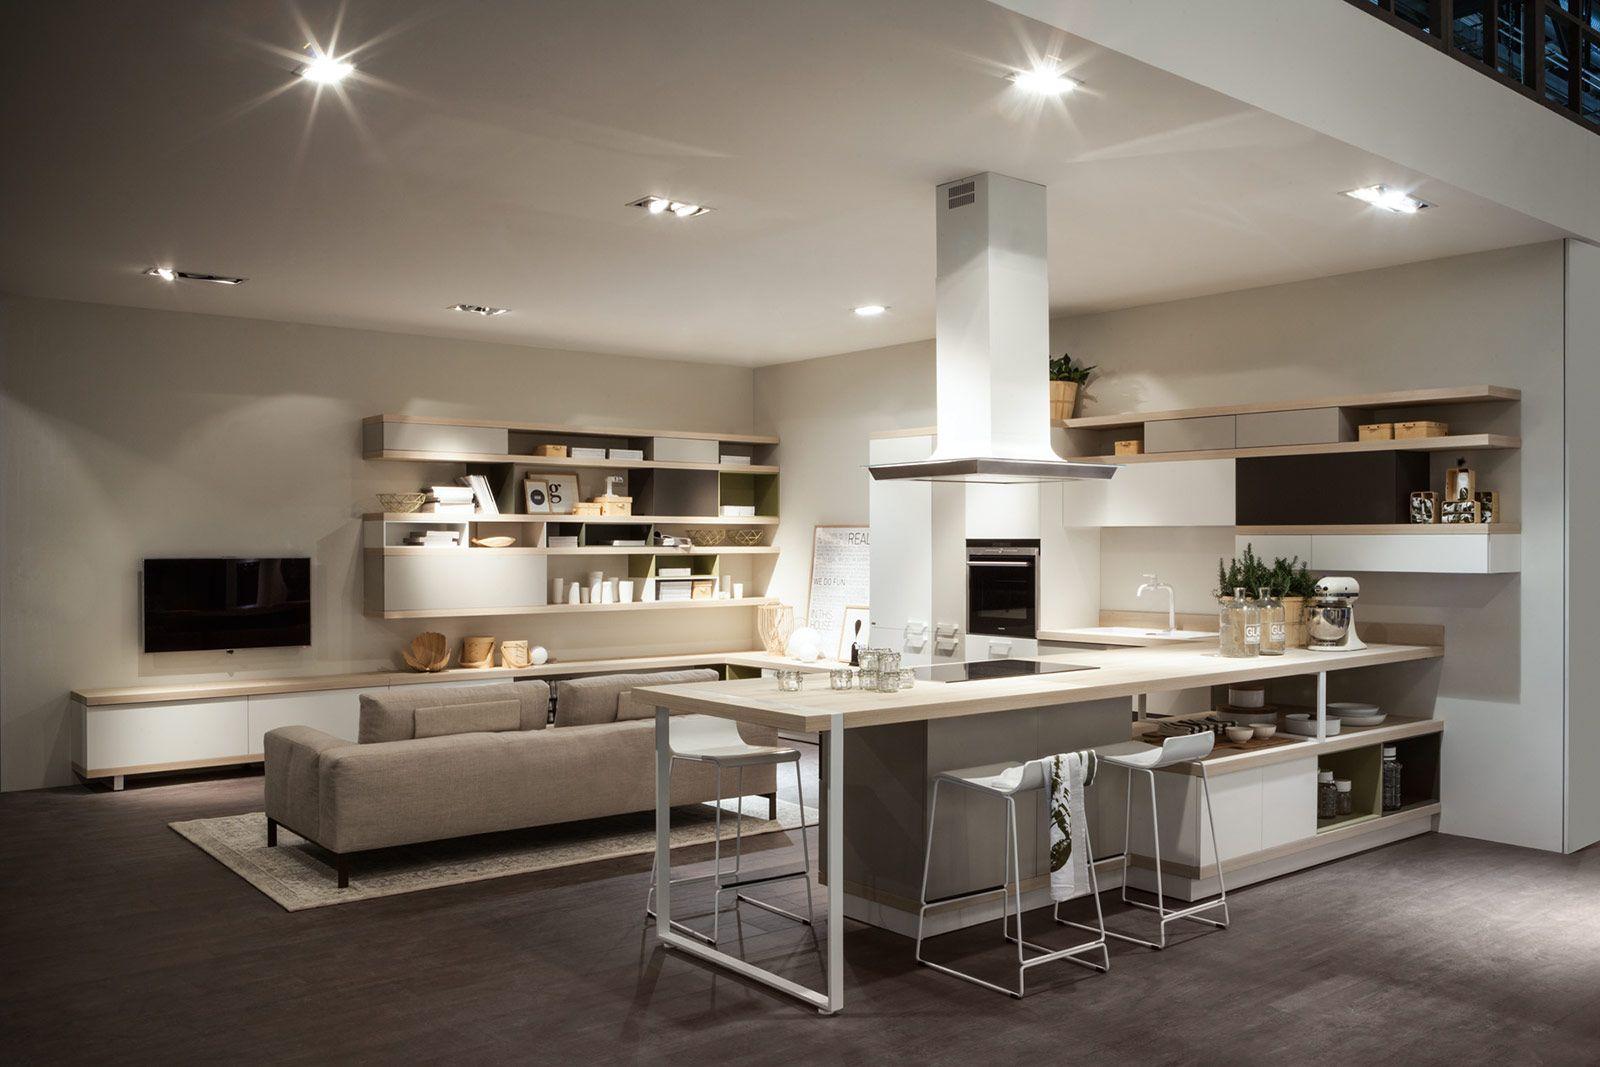 Unico Ambiente Cucina Soggiorno pin di laura su arredamento | soggiorno open space, cucina